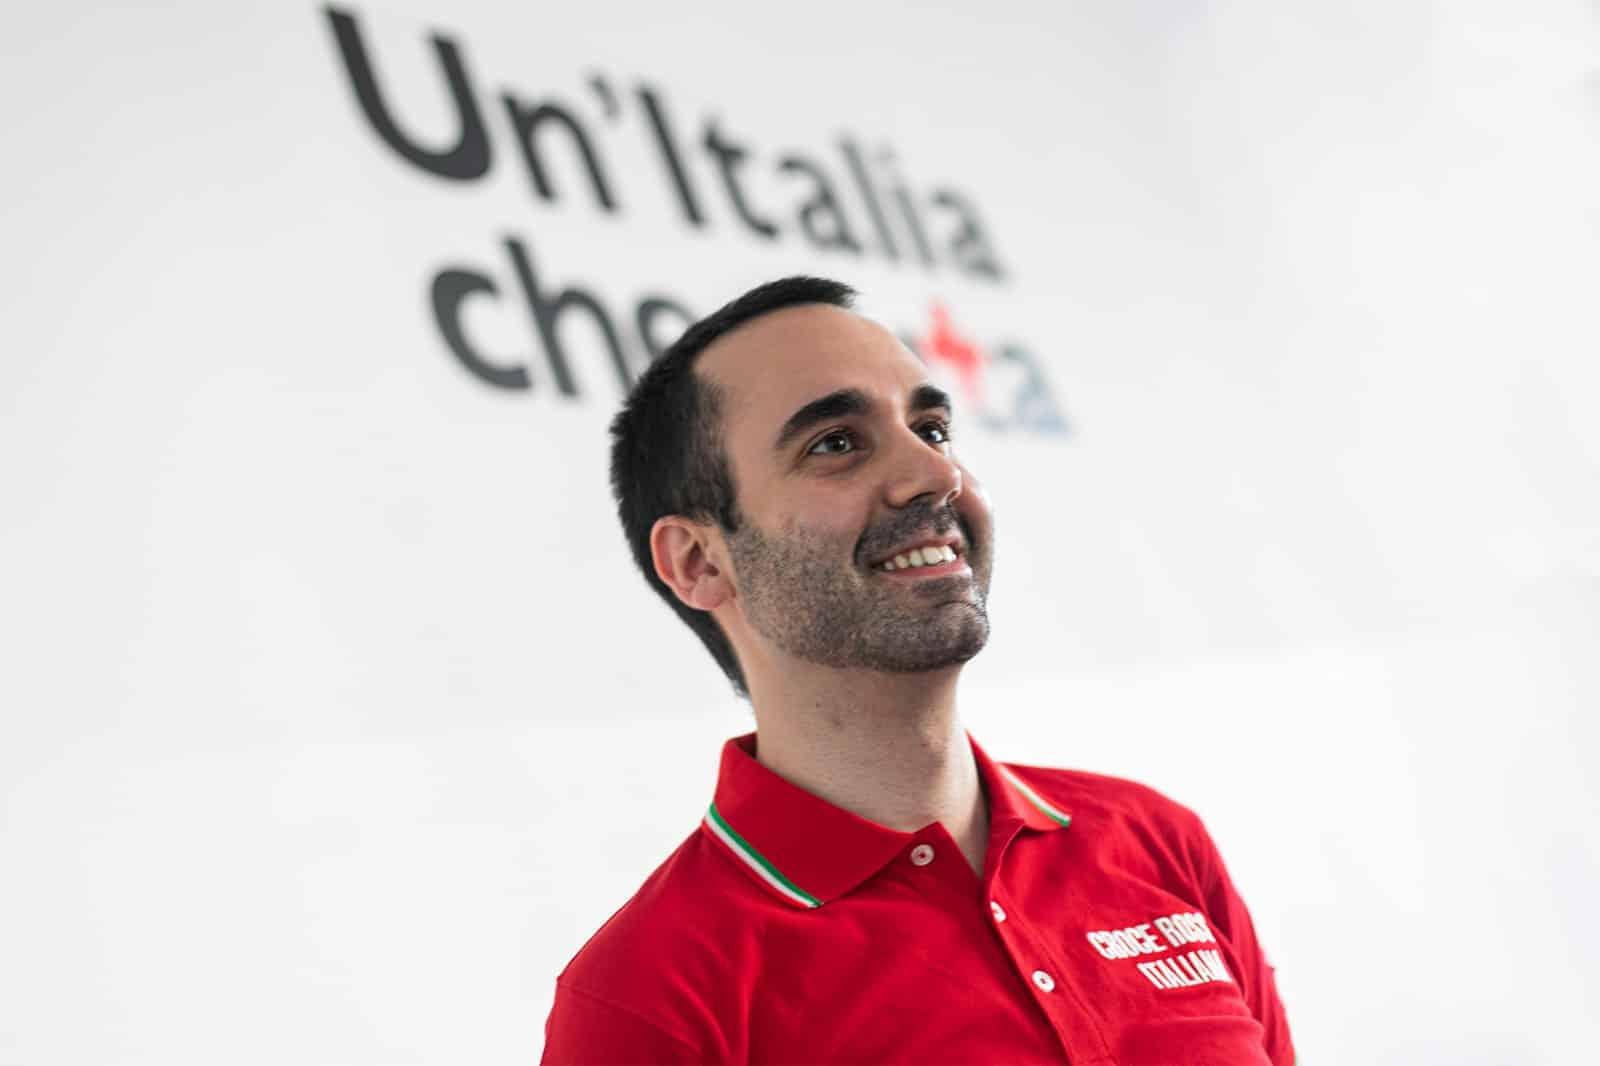 Giornata internazionale di Croce Rossa, da 150 anni a servizio dell'Umanità. Intervista al Vice Presidente Matteo Camporeale